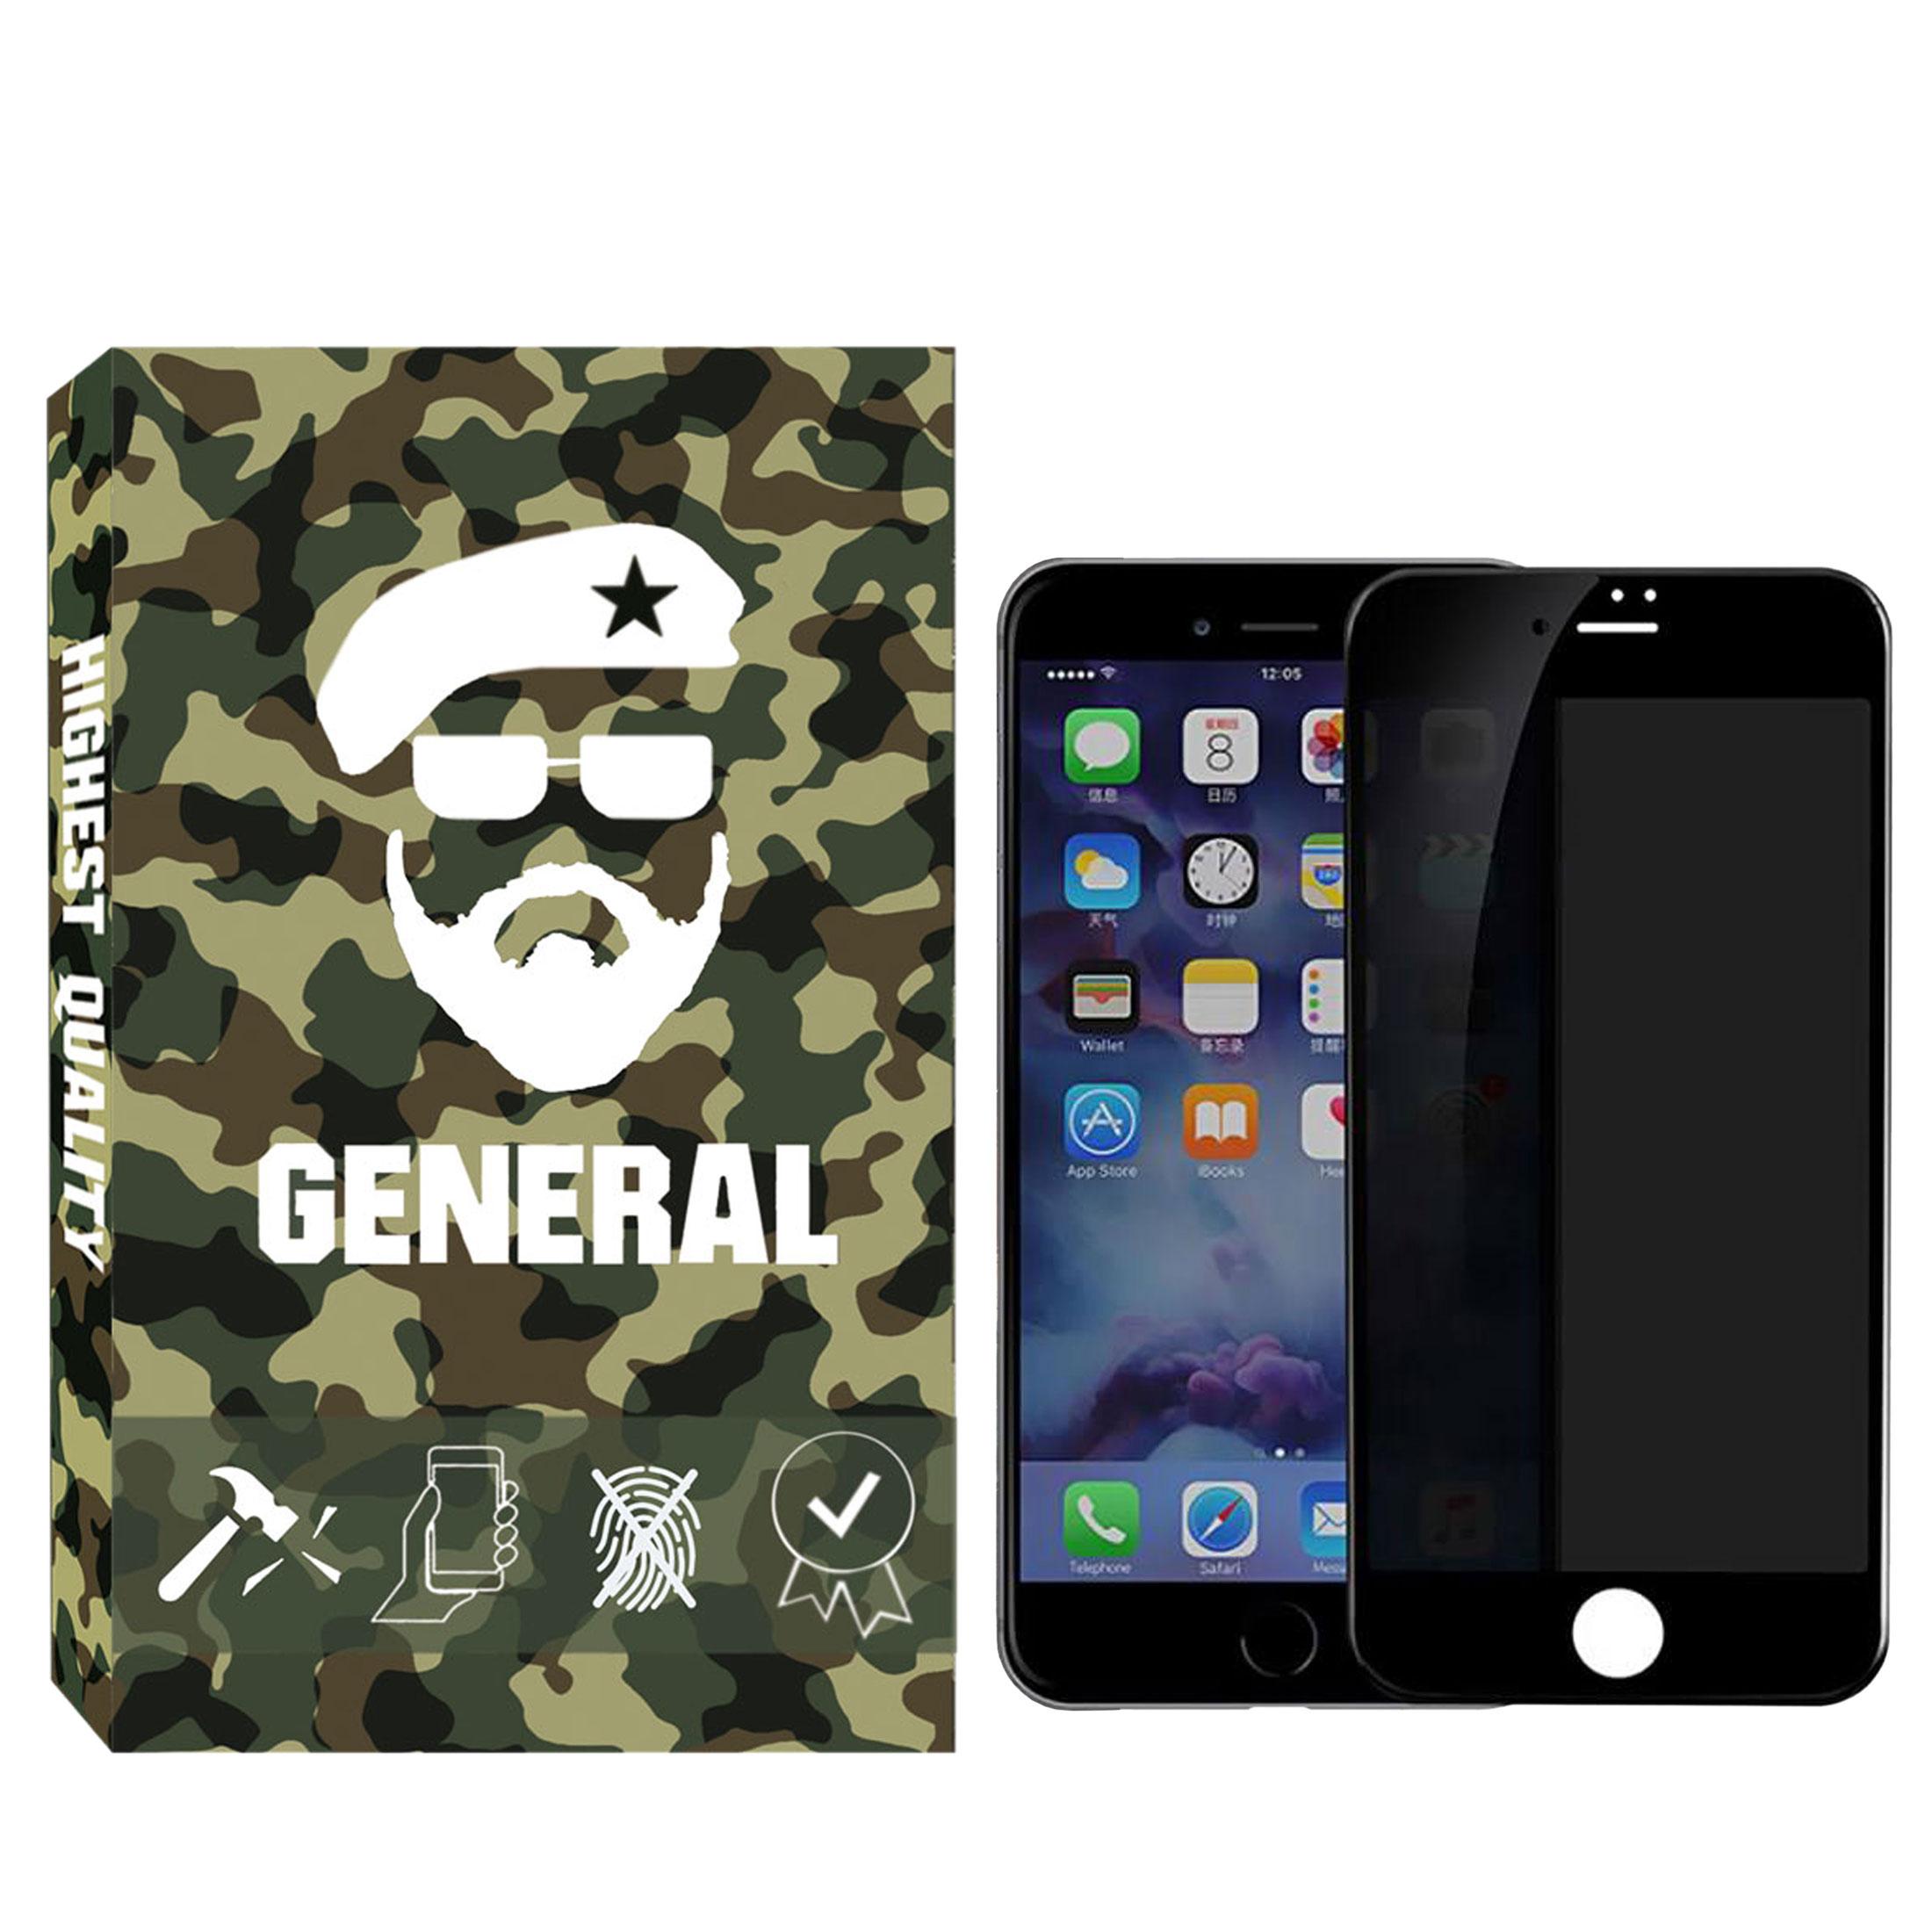 محافظ صفحه نمایش حریم شخصی ژنرال مدل GNprv-01 مناسب برای گوشی موبایل اپل IPhone 6 / 6s